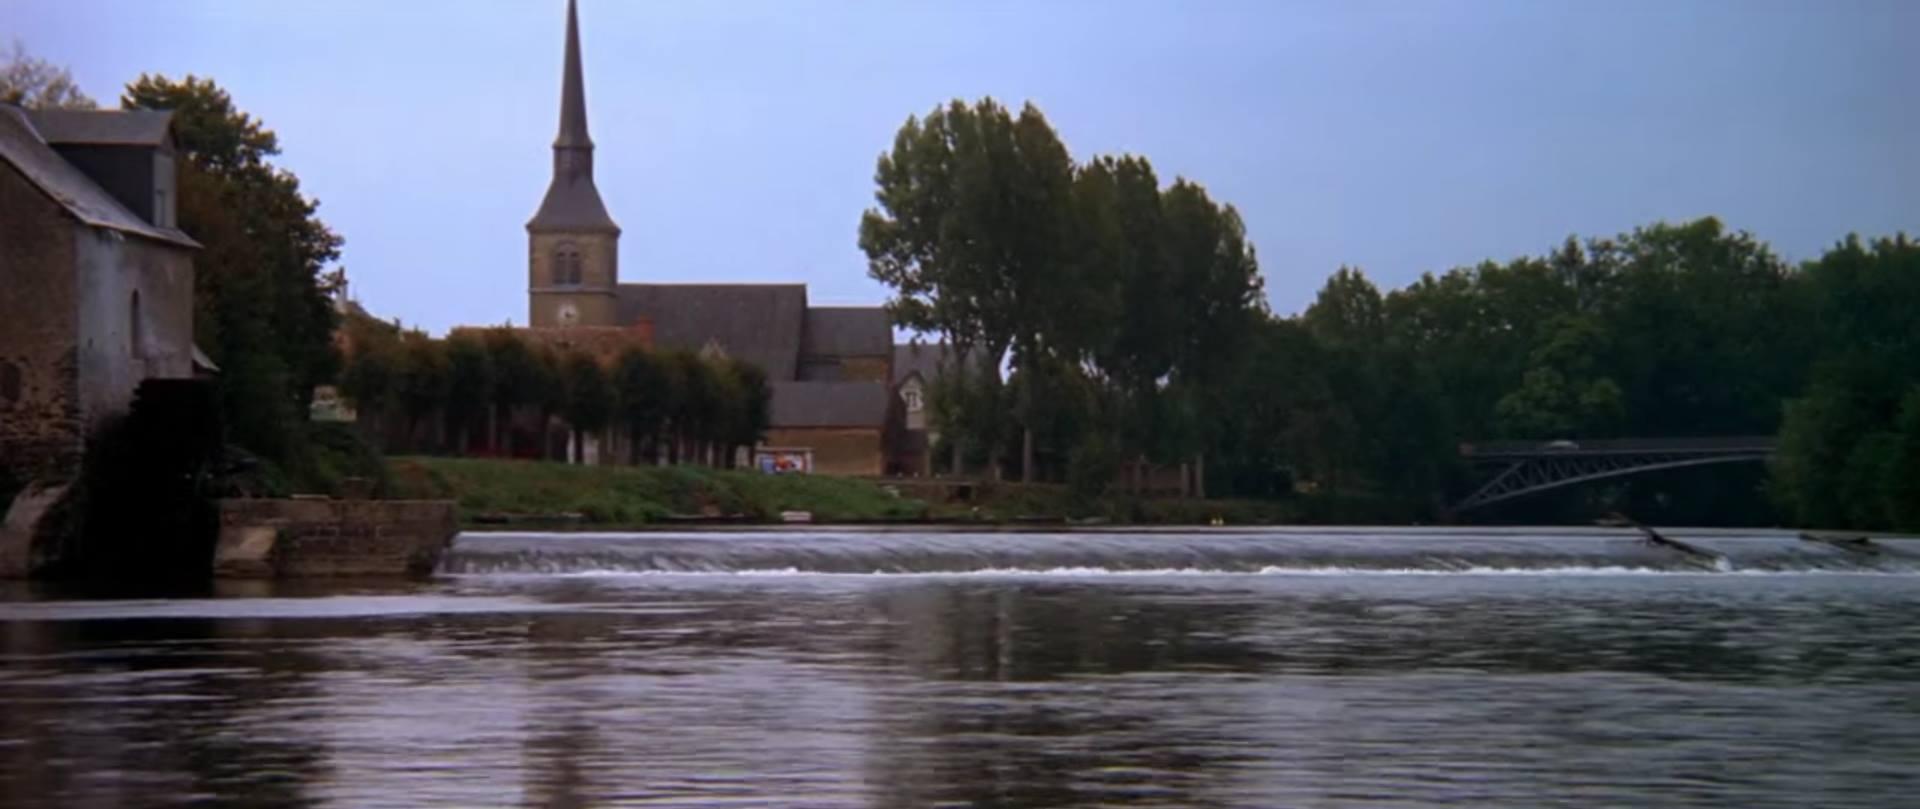 Fillé - Le pont sur la Sarthe - Le tout début du film « Le Mans » avec Steeve Mc Queen (Philippe Gondard)